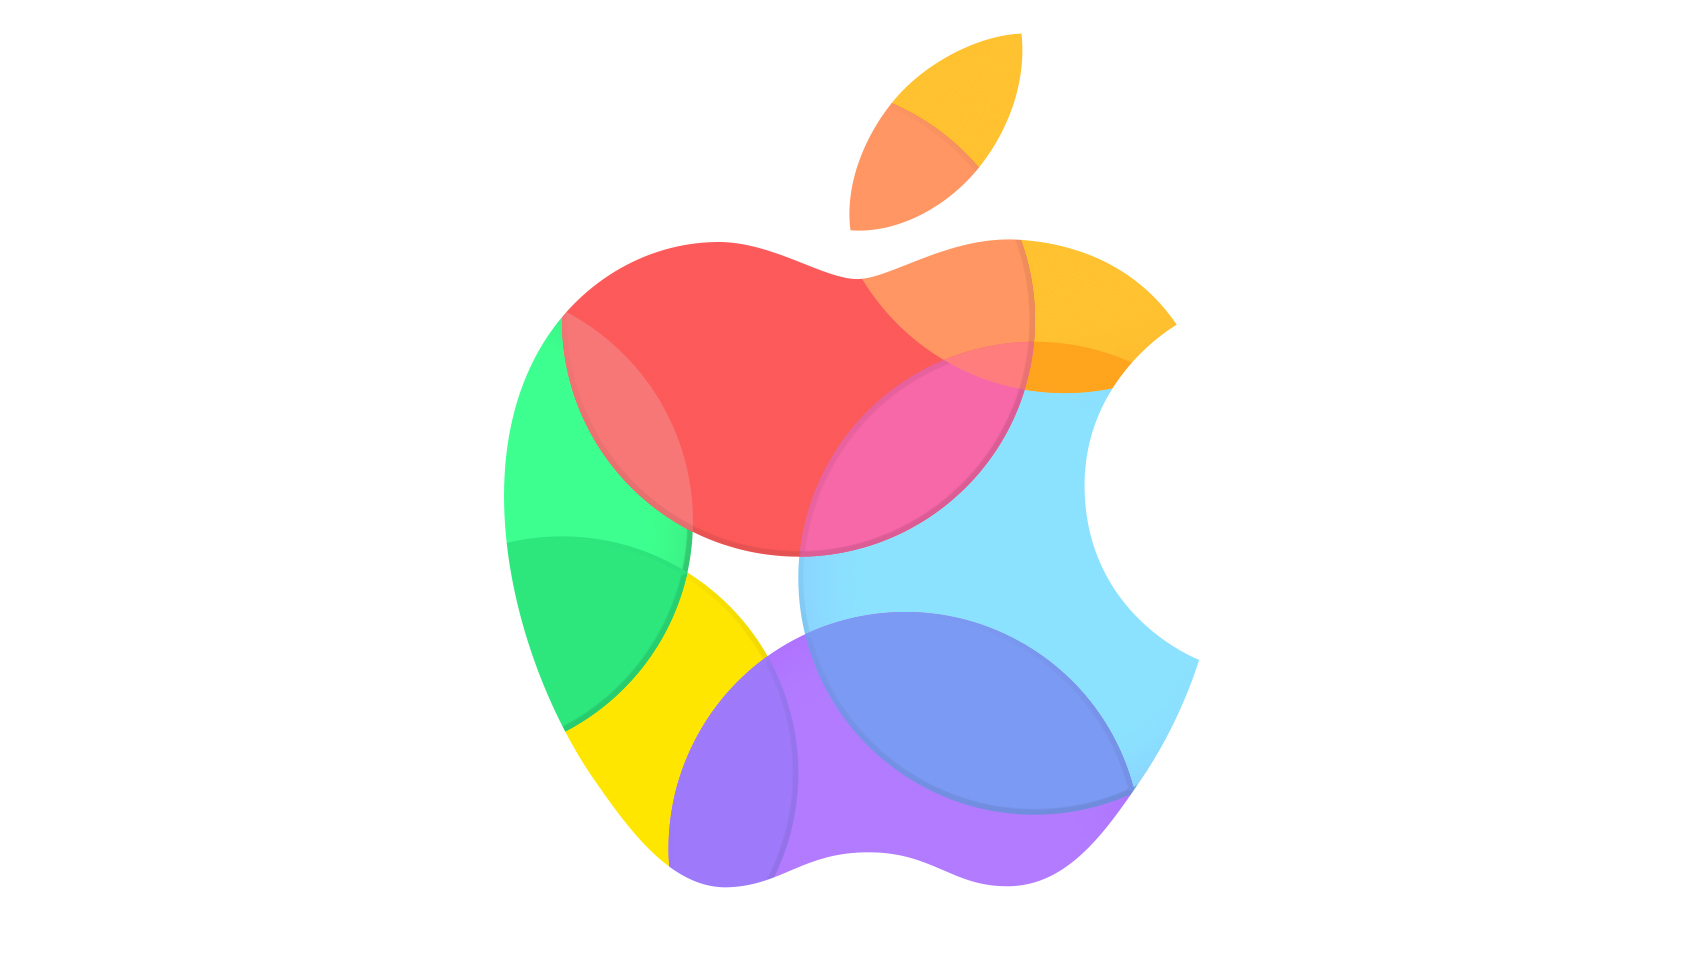 درآمد اپل پس از ۱۴ سال کاهش یافت!